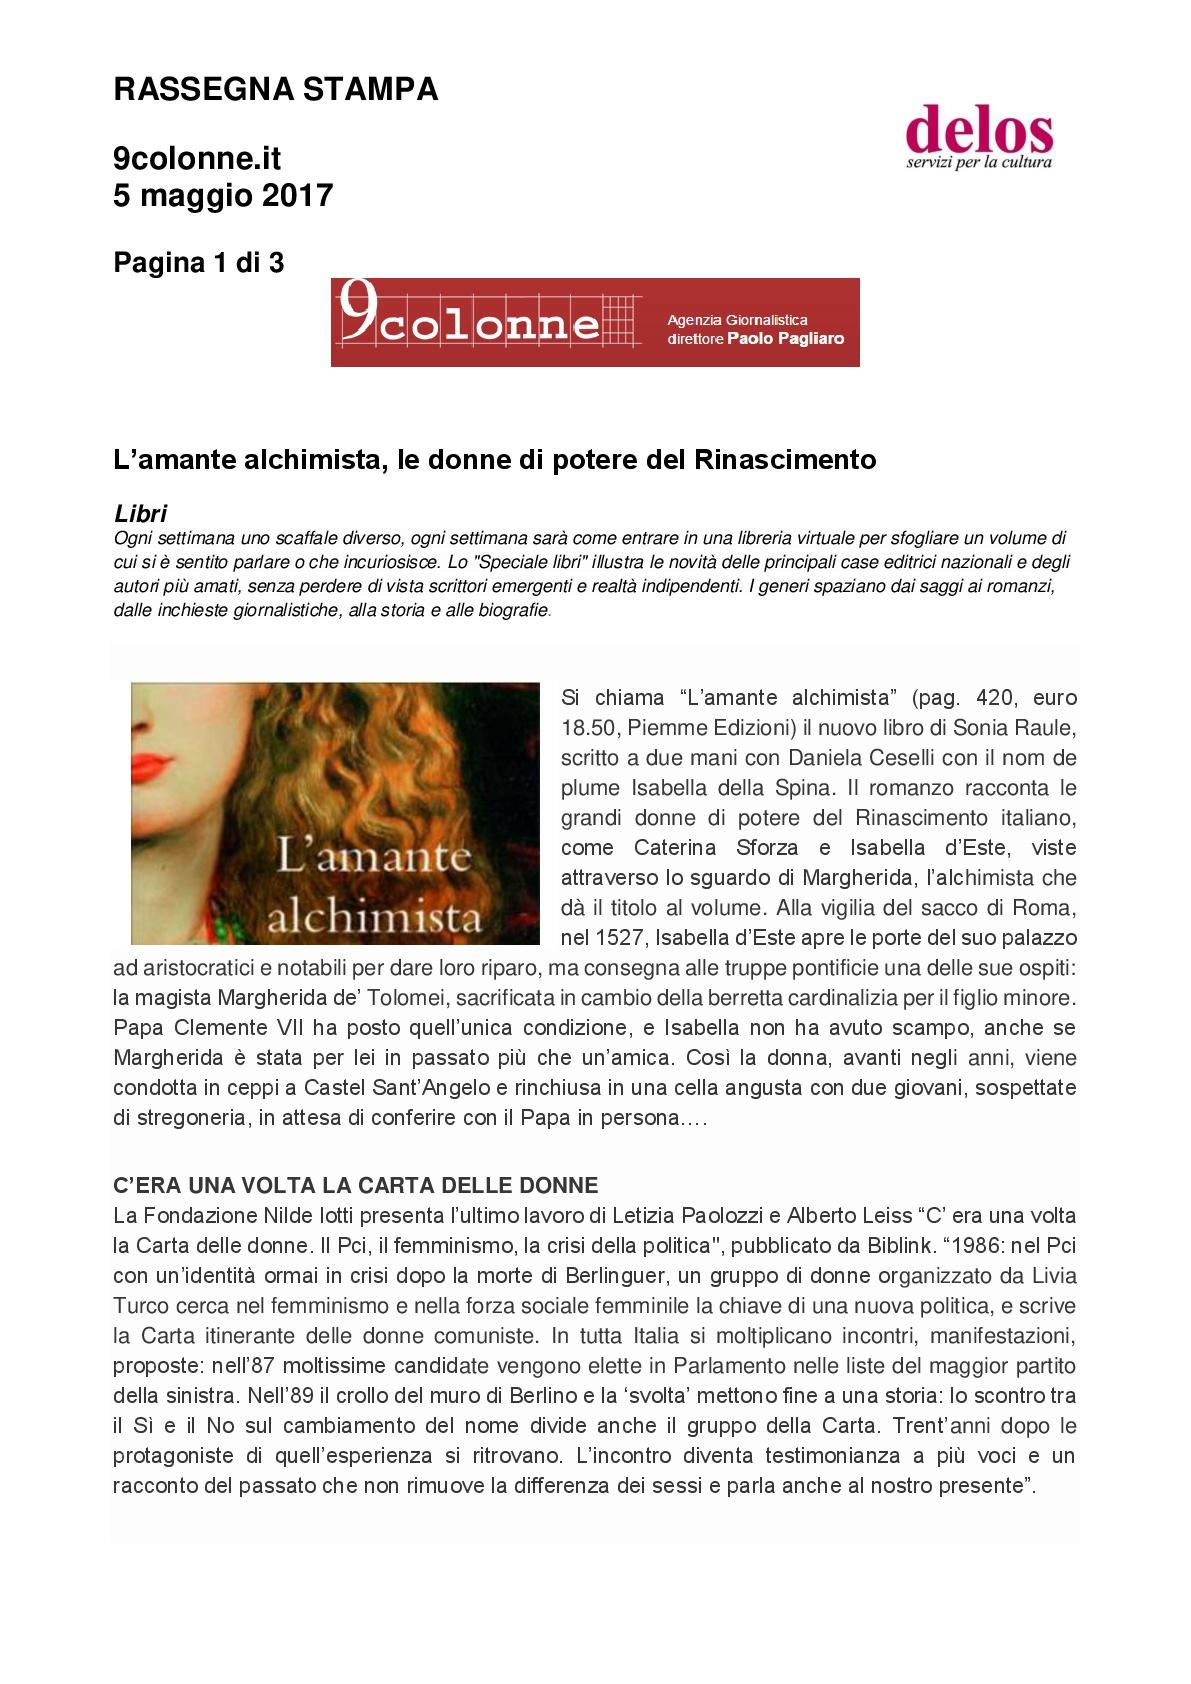 9colonne.it 05-05-2017 001